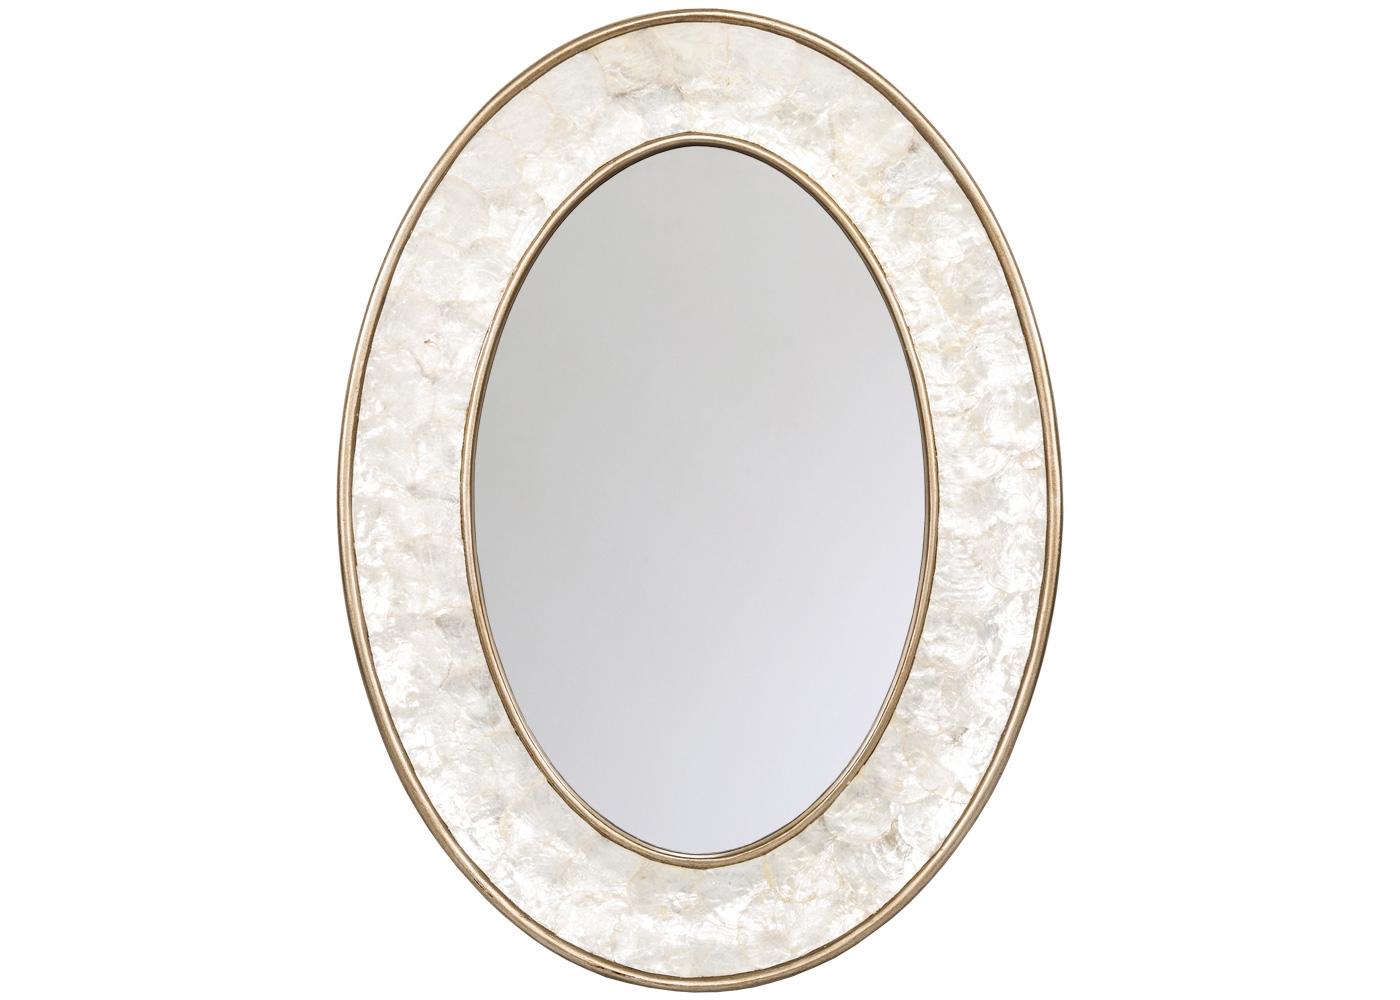 Настенное зеркало «Аскот»Настенные зеркала<br>Овальные зеркала располагают универсальностью. Благодаря симметрии, они мастерски синхронизируют пространства, но не претендуют на центральное расположение. Практические удобства зеркала &amp;quot;Аскот&amp;quot; сочетаются с декоративными привилегиями, - натуральным морским перламутром и галантной фацетной гранью, опоясавшей стройный зеркальный овал.<br><br>Material: Полиуретан<br>Ширина см: 56.0<br>Высота см: 76.0<br>Глубина см: 5.0